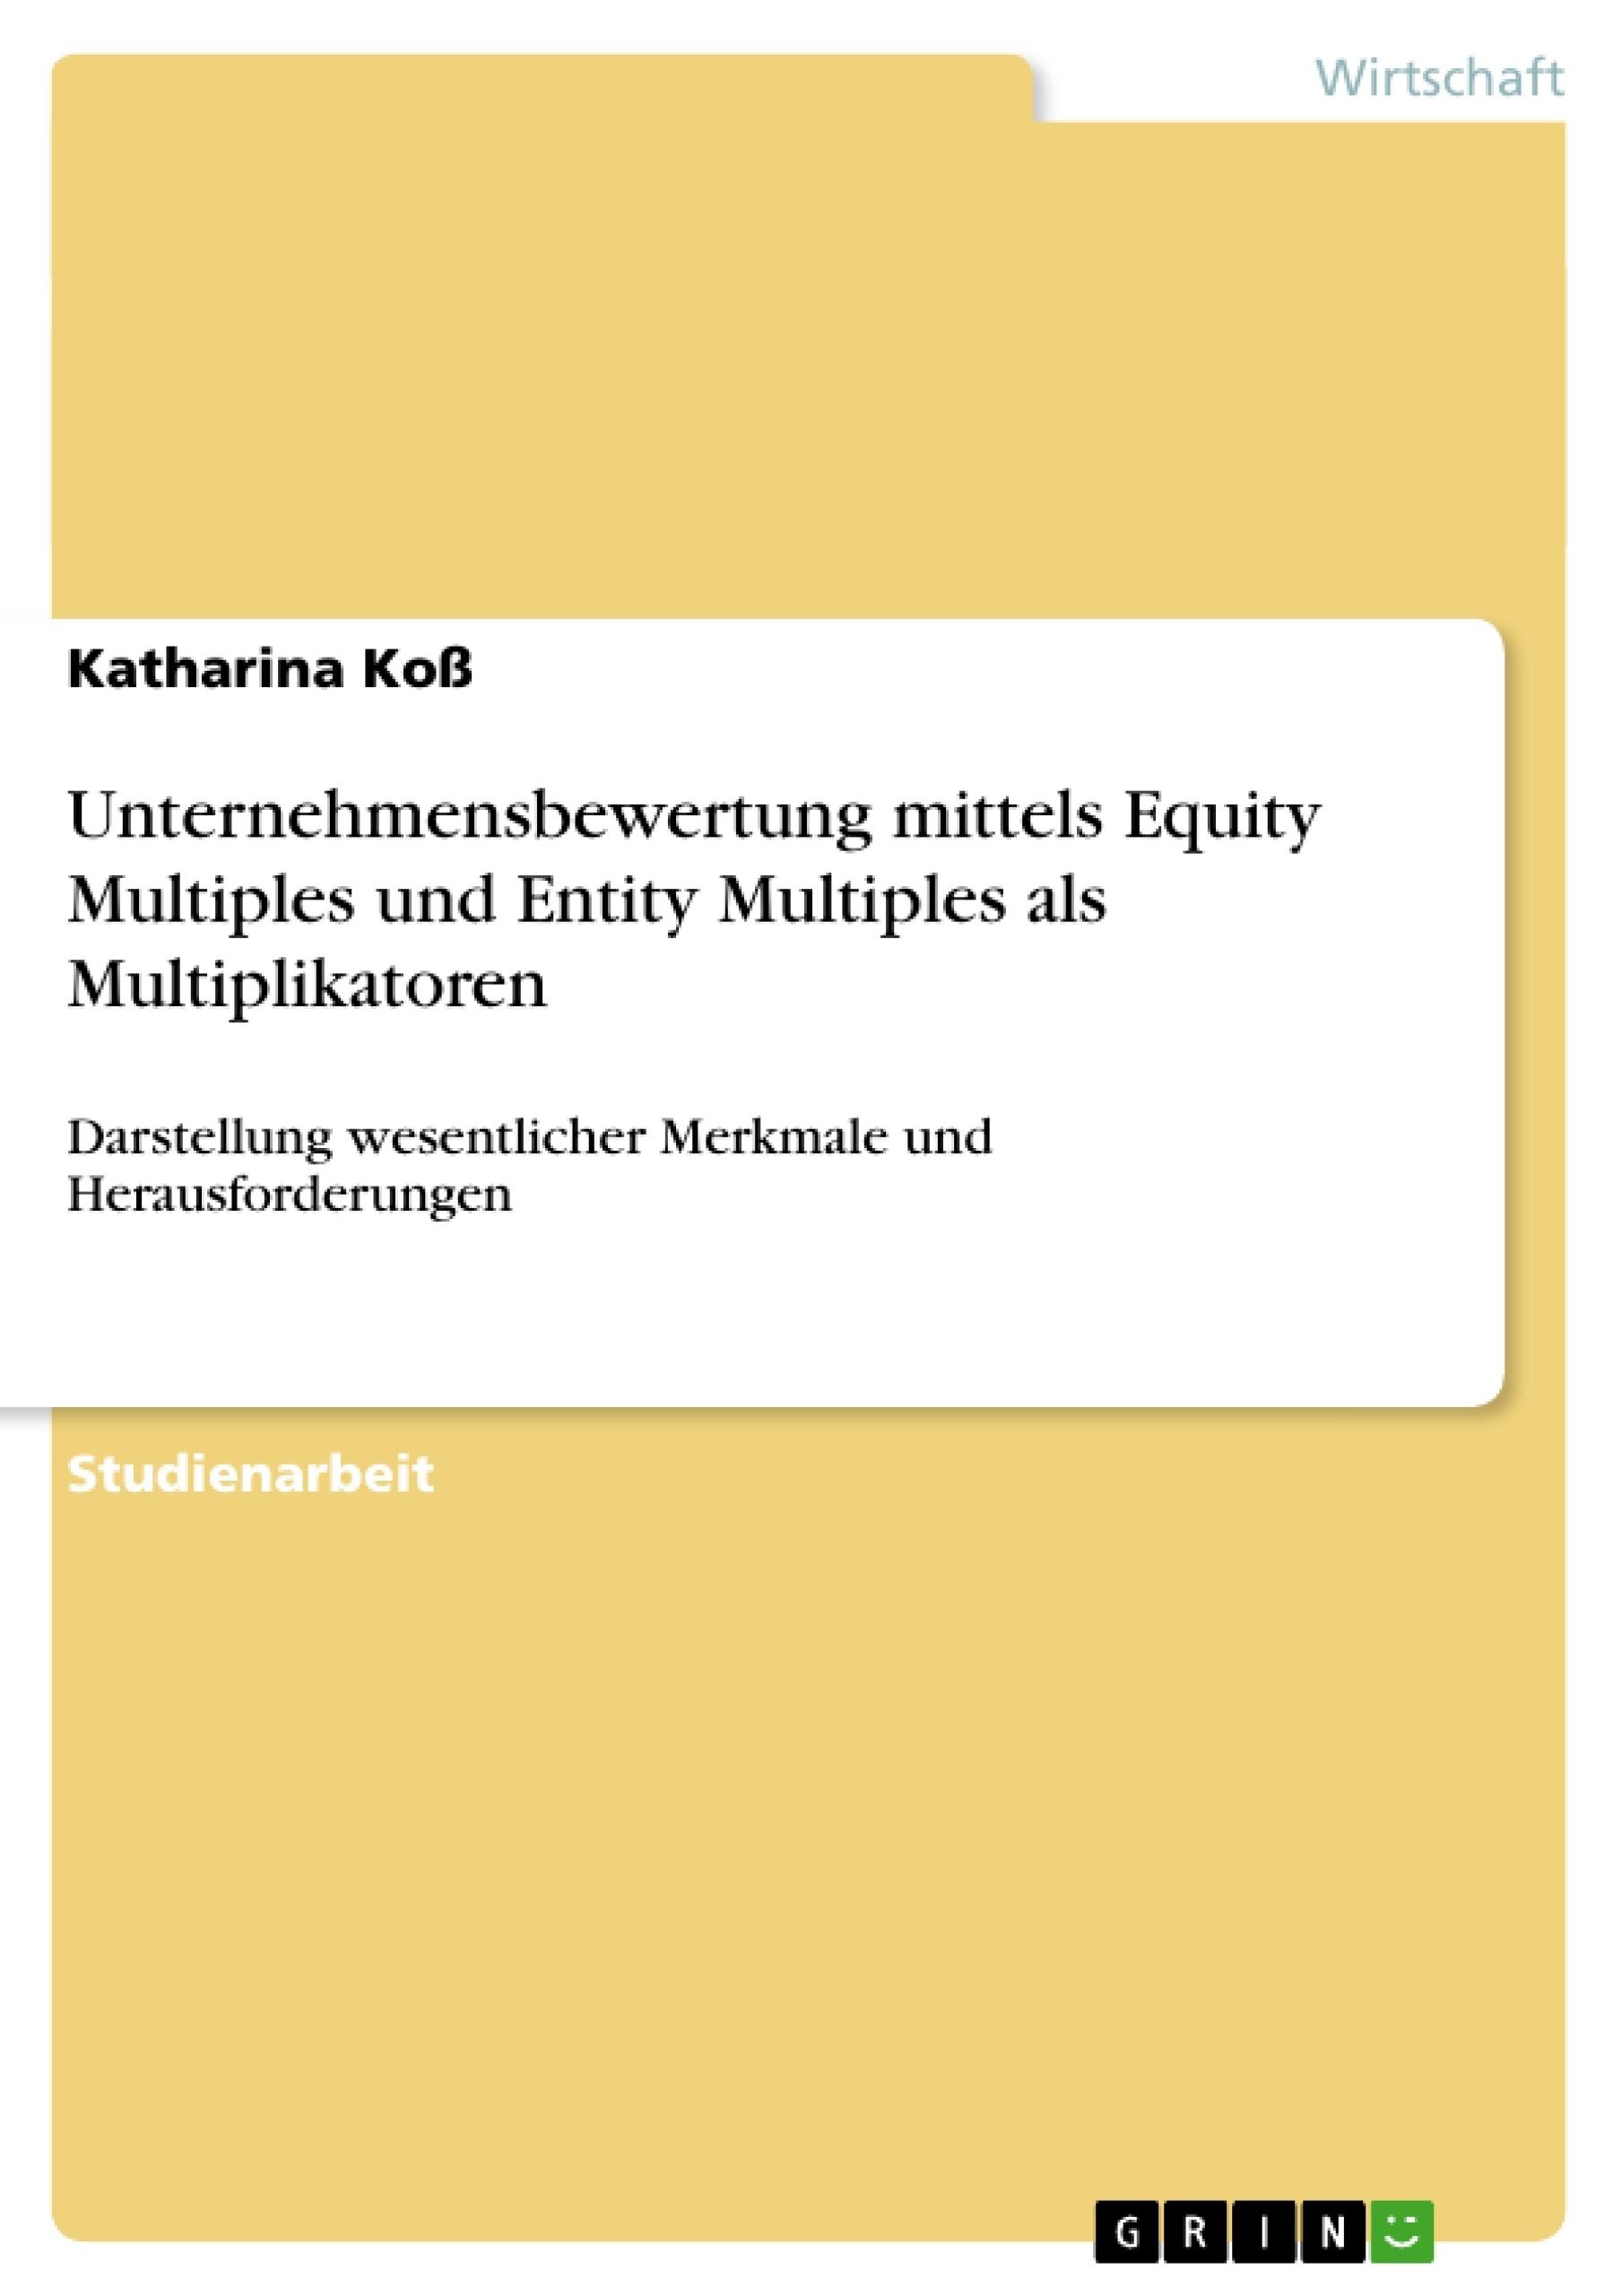 Titel: Unternehmensbewertung mittels Equity Multiples und Entity Multiples als Multiplikatoren